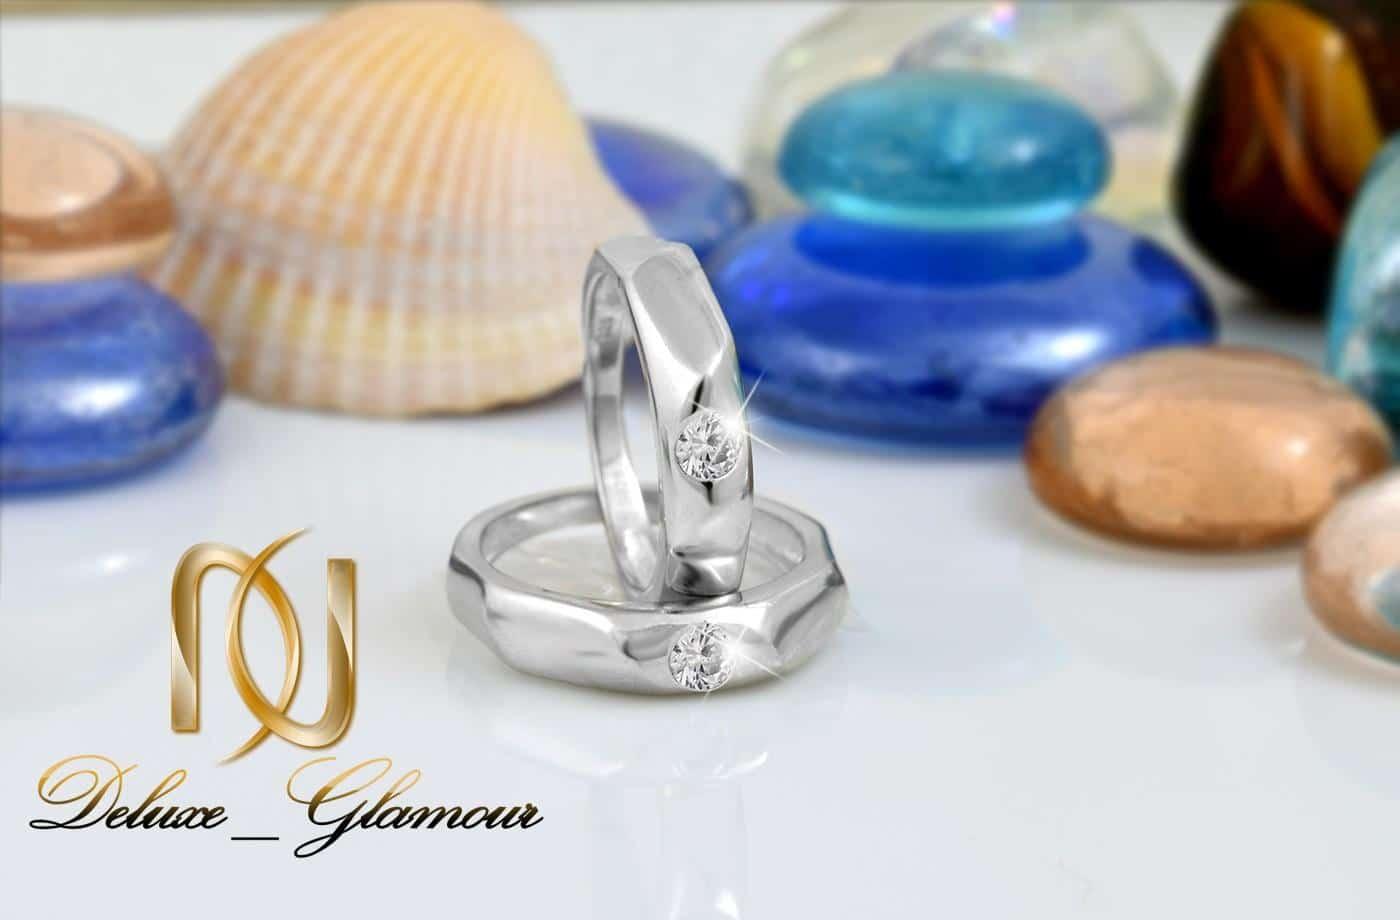 ست حلقه نقره  تایلند با نگین سفید برلیان اصل rg-n274